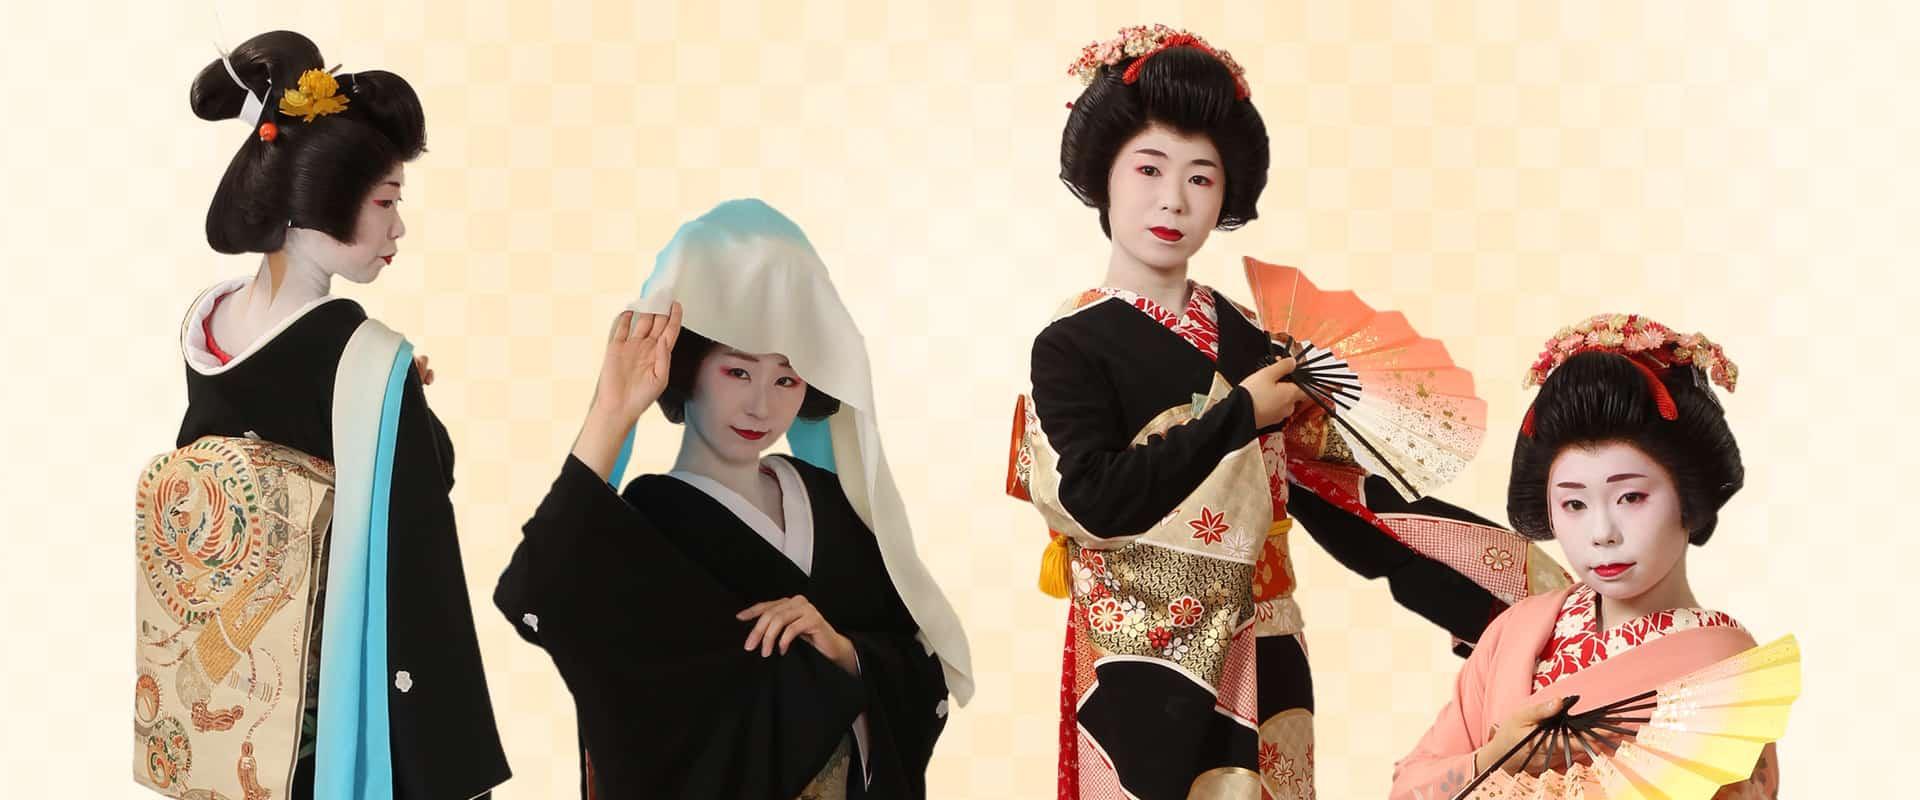 เกอิกิ หรือ เกอิชา นางรำญี่ปุ่นที่โด่งดังไปทั่วโลก